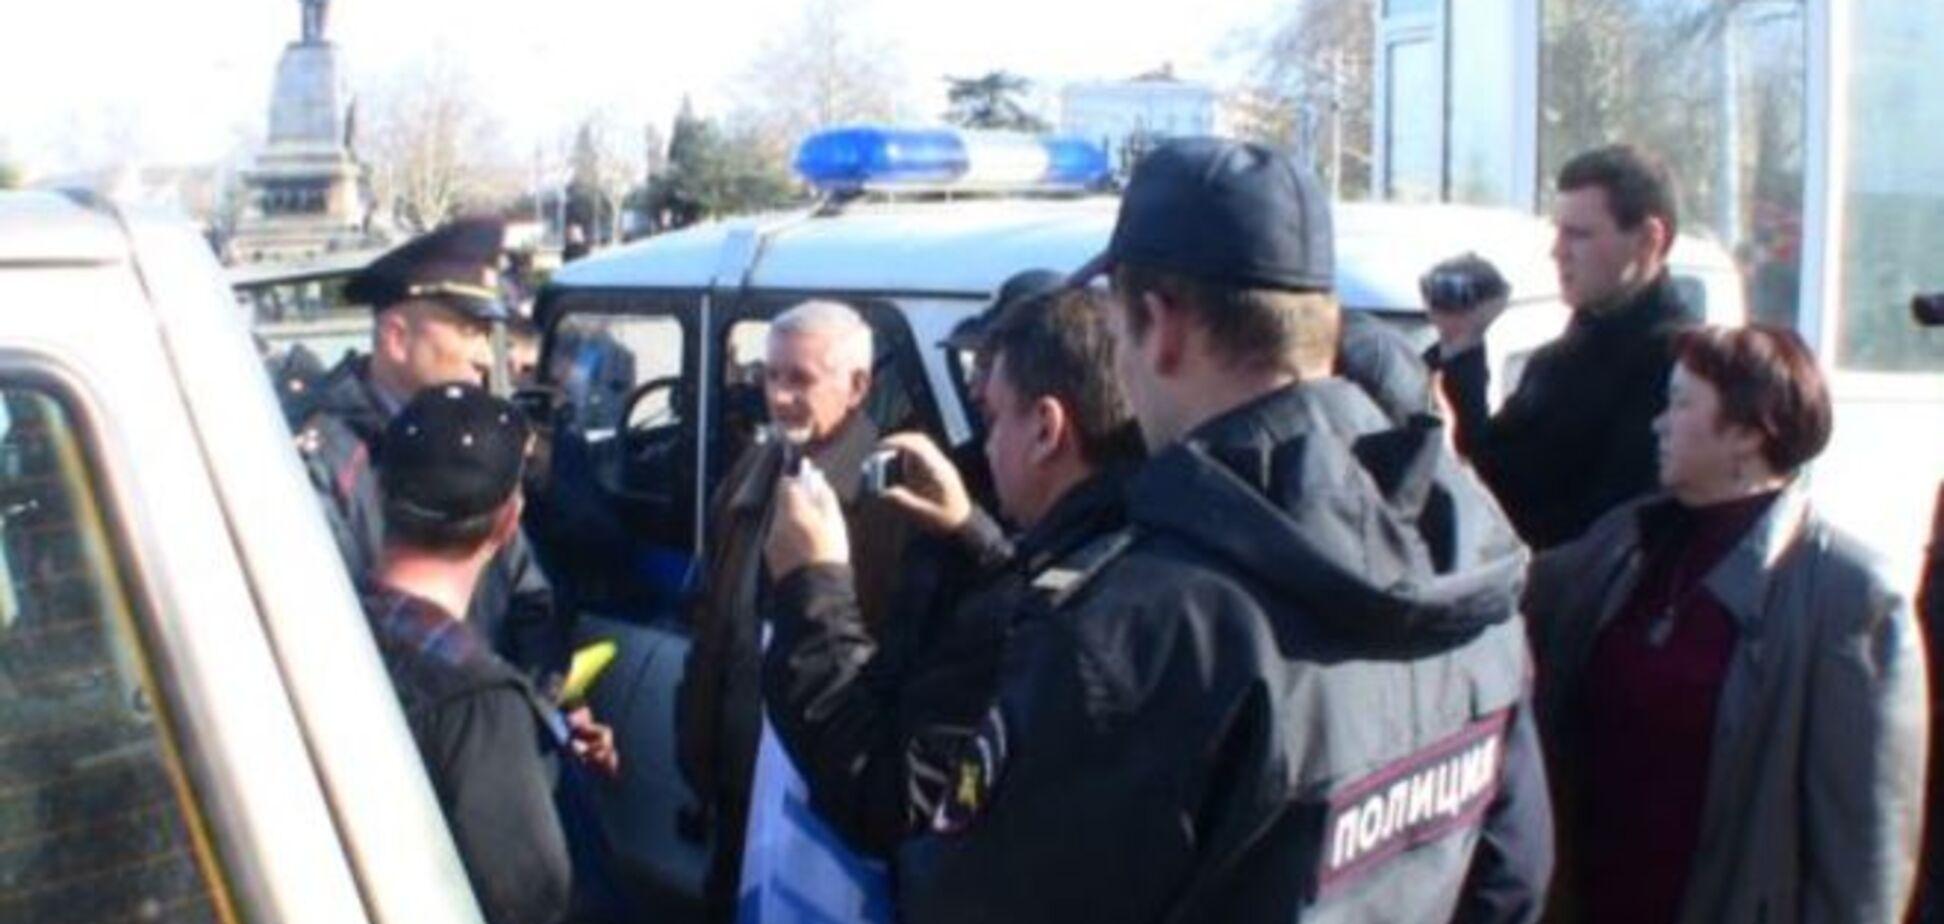 У Севастополі окупанти розігнали мітинг проти нової 'влади': відеофакт